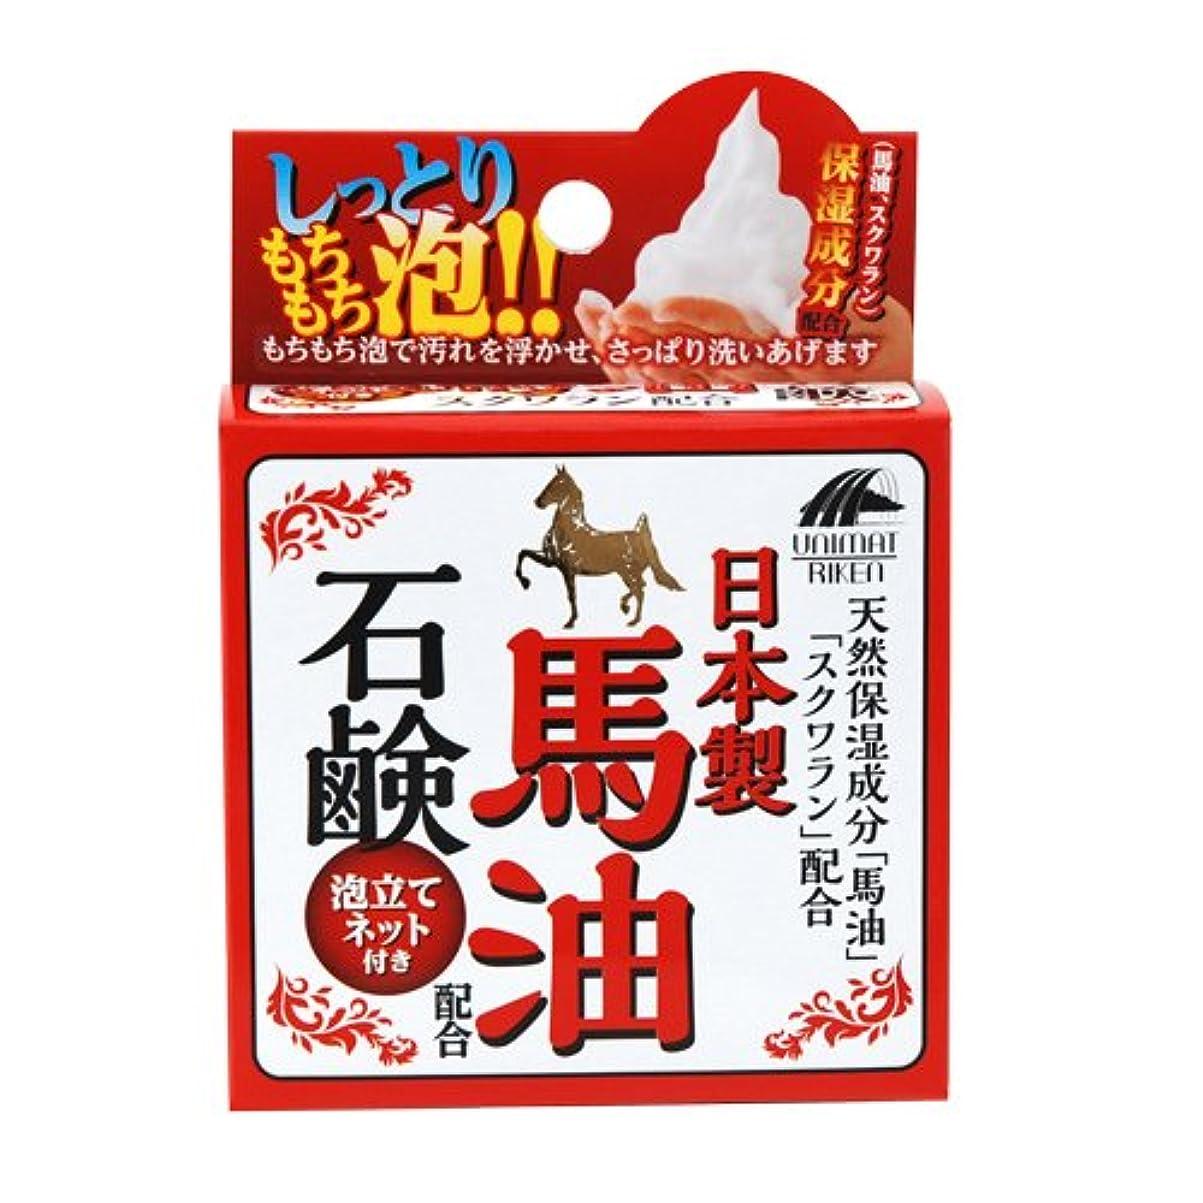 ユニマットリケン 日本製 馬油石鹸 100g